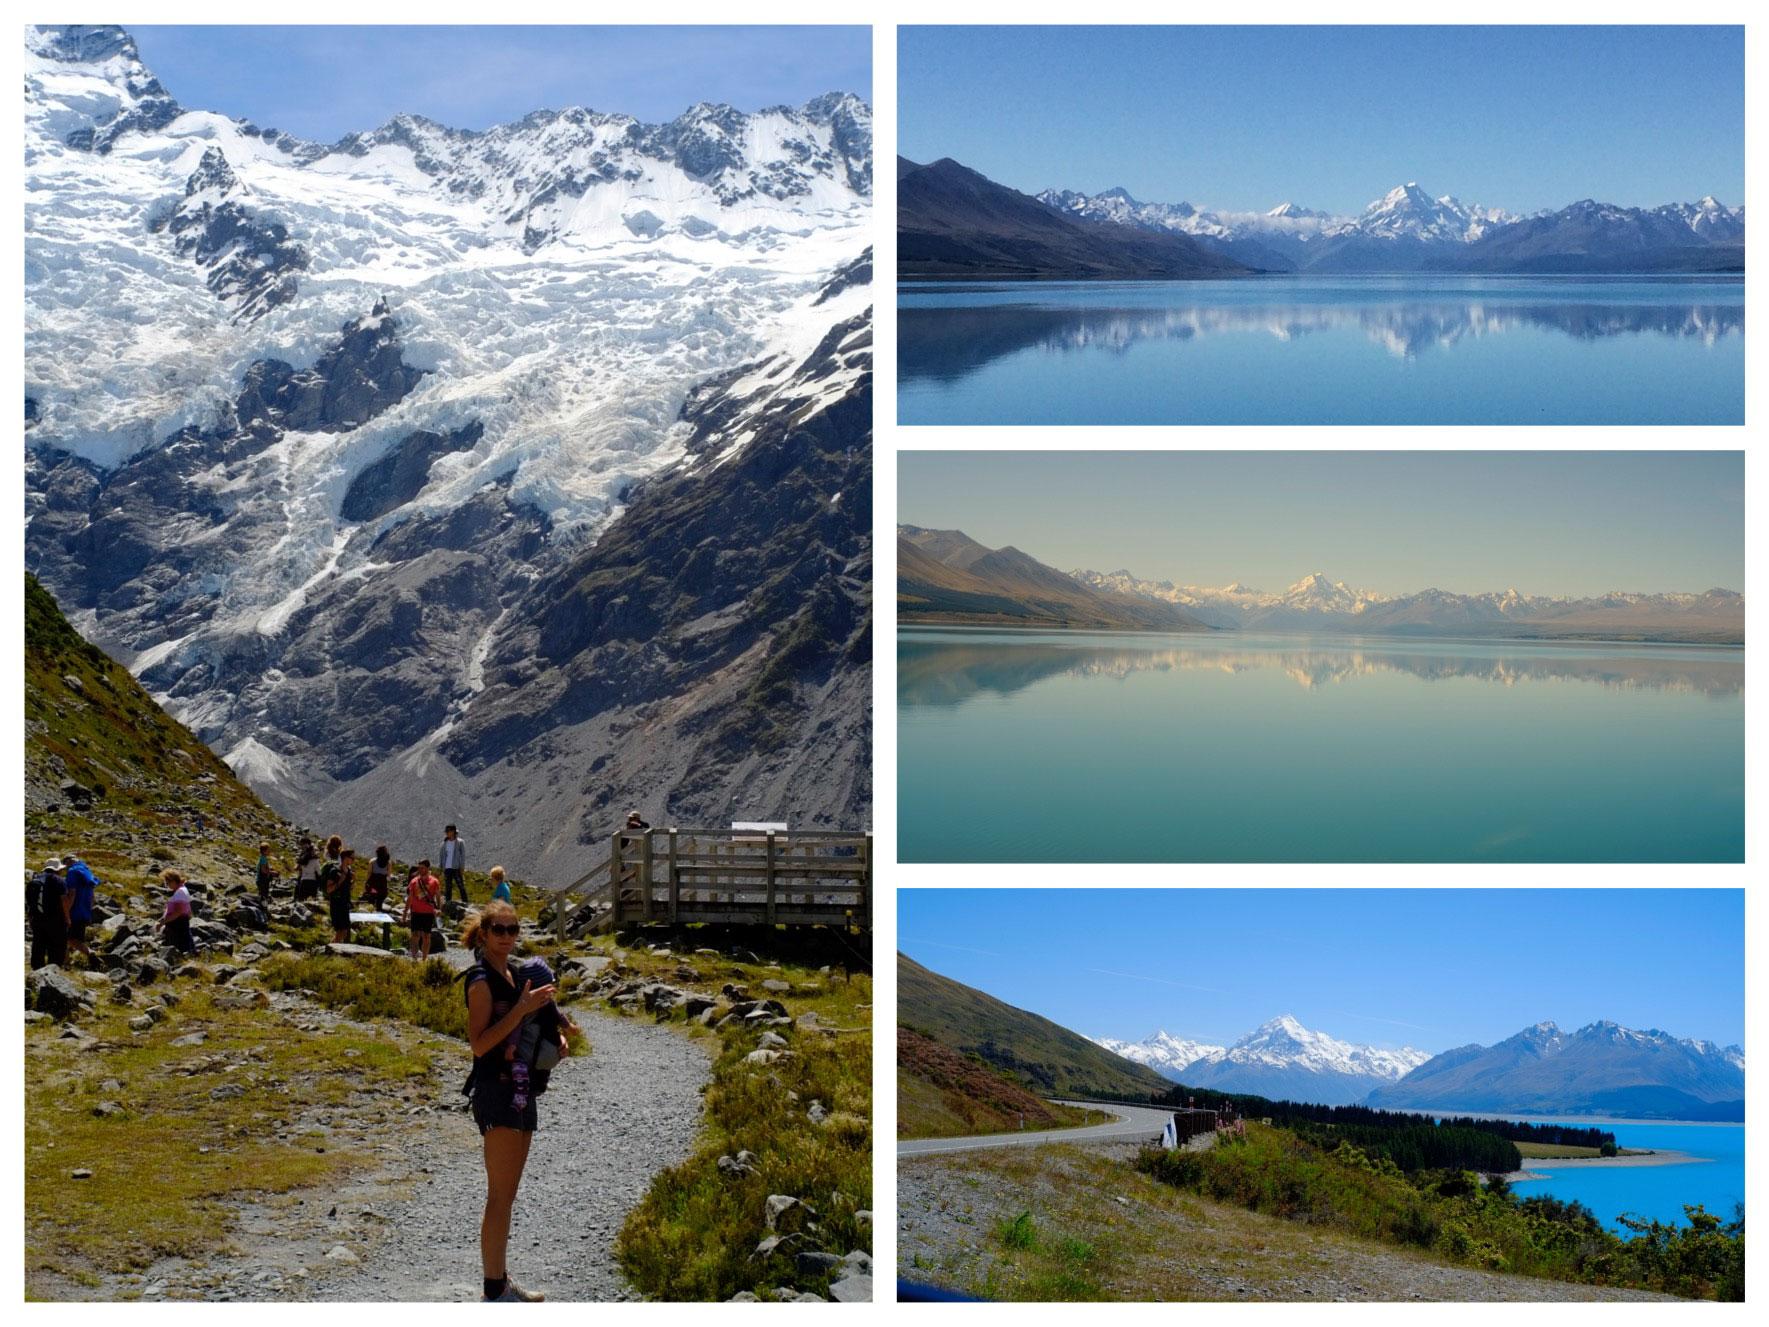 Mount Cook ist der höchste Berg in Neuseeland